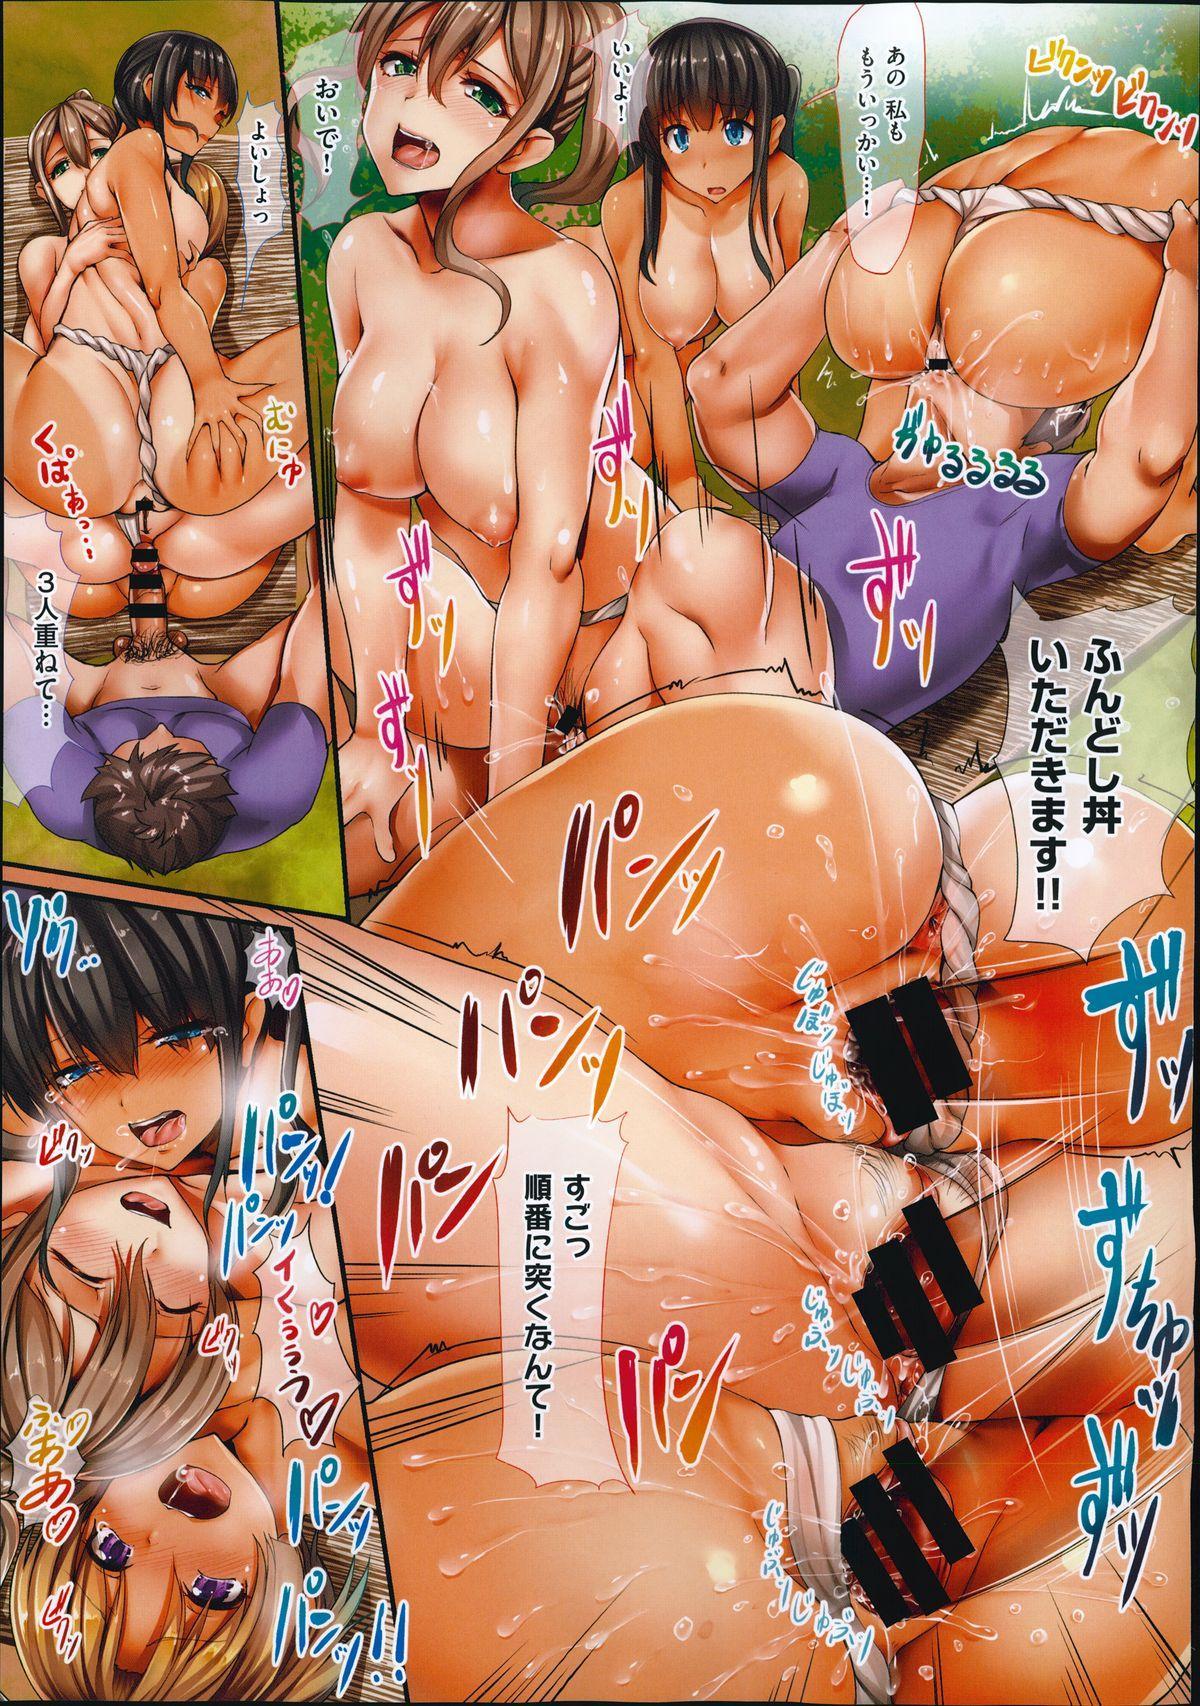 COMIC X-EROS #22 2014-10 9